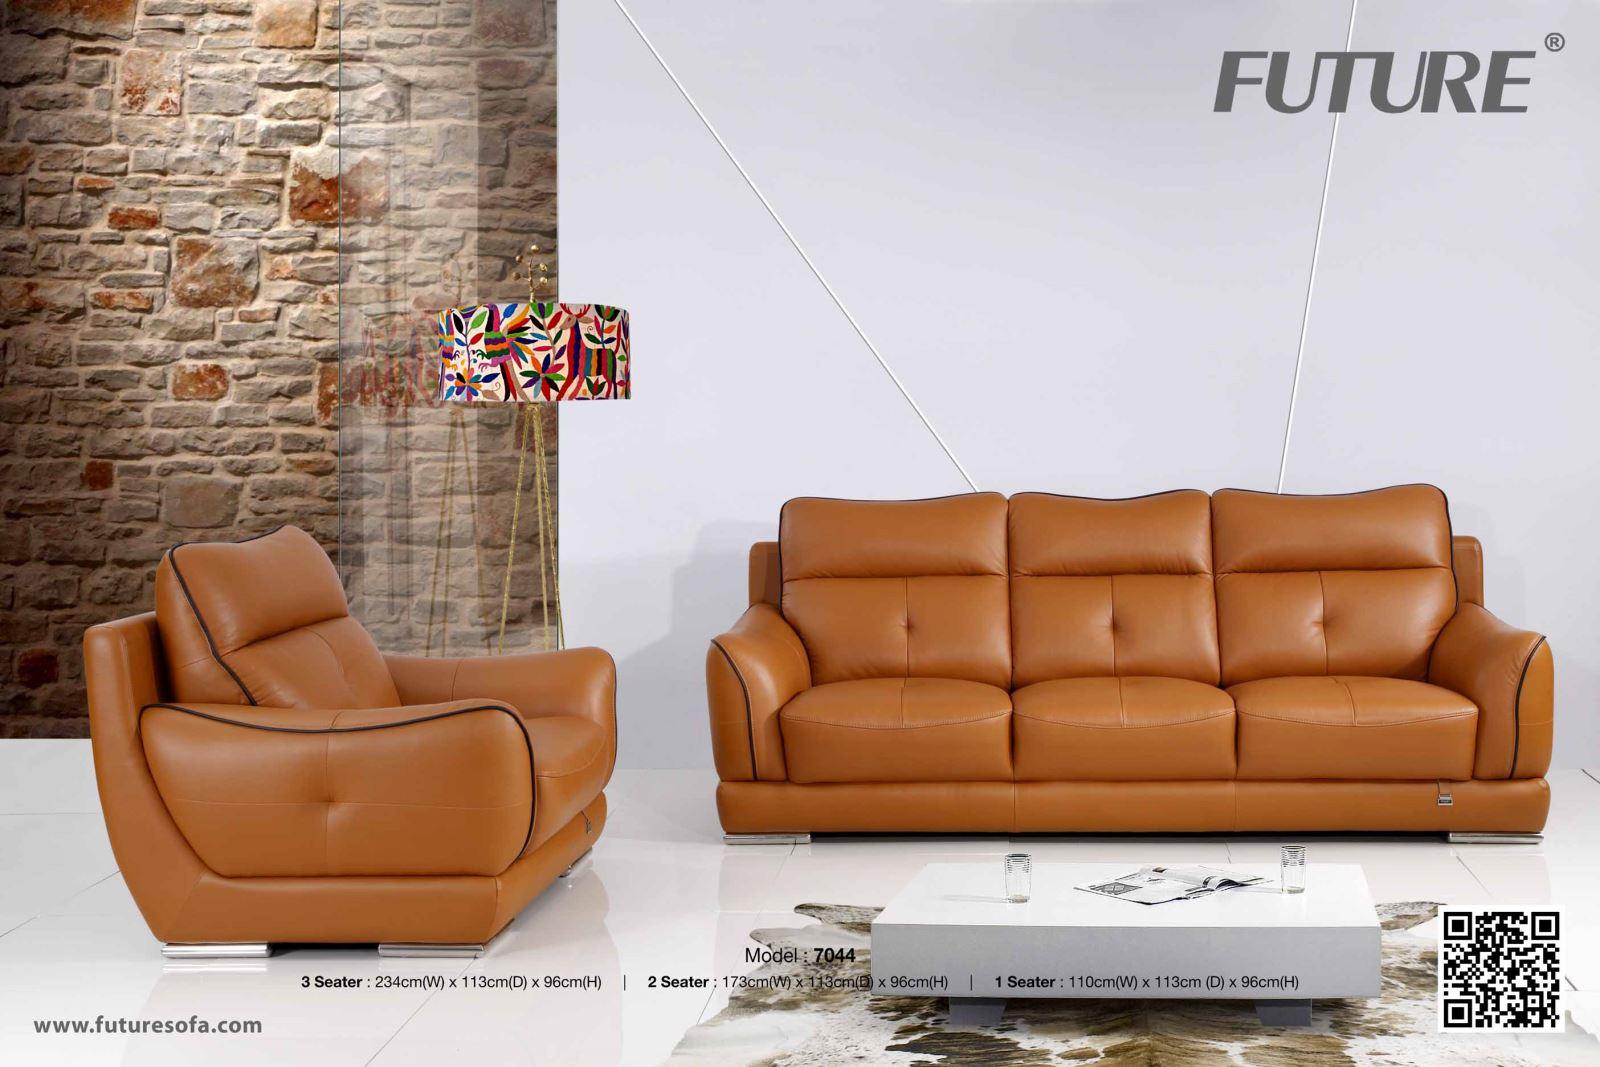 SOFA DA BÒ - FUTURE MODEL 7044